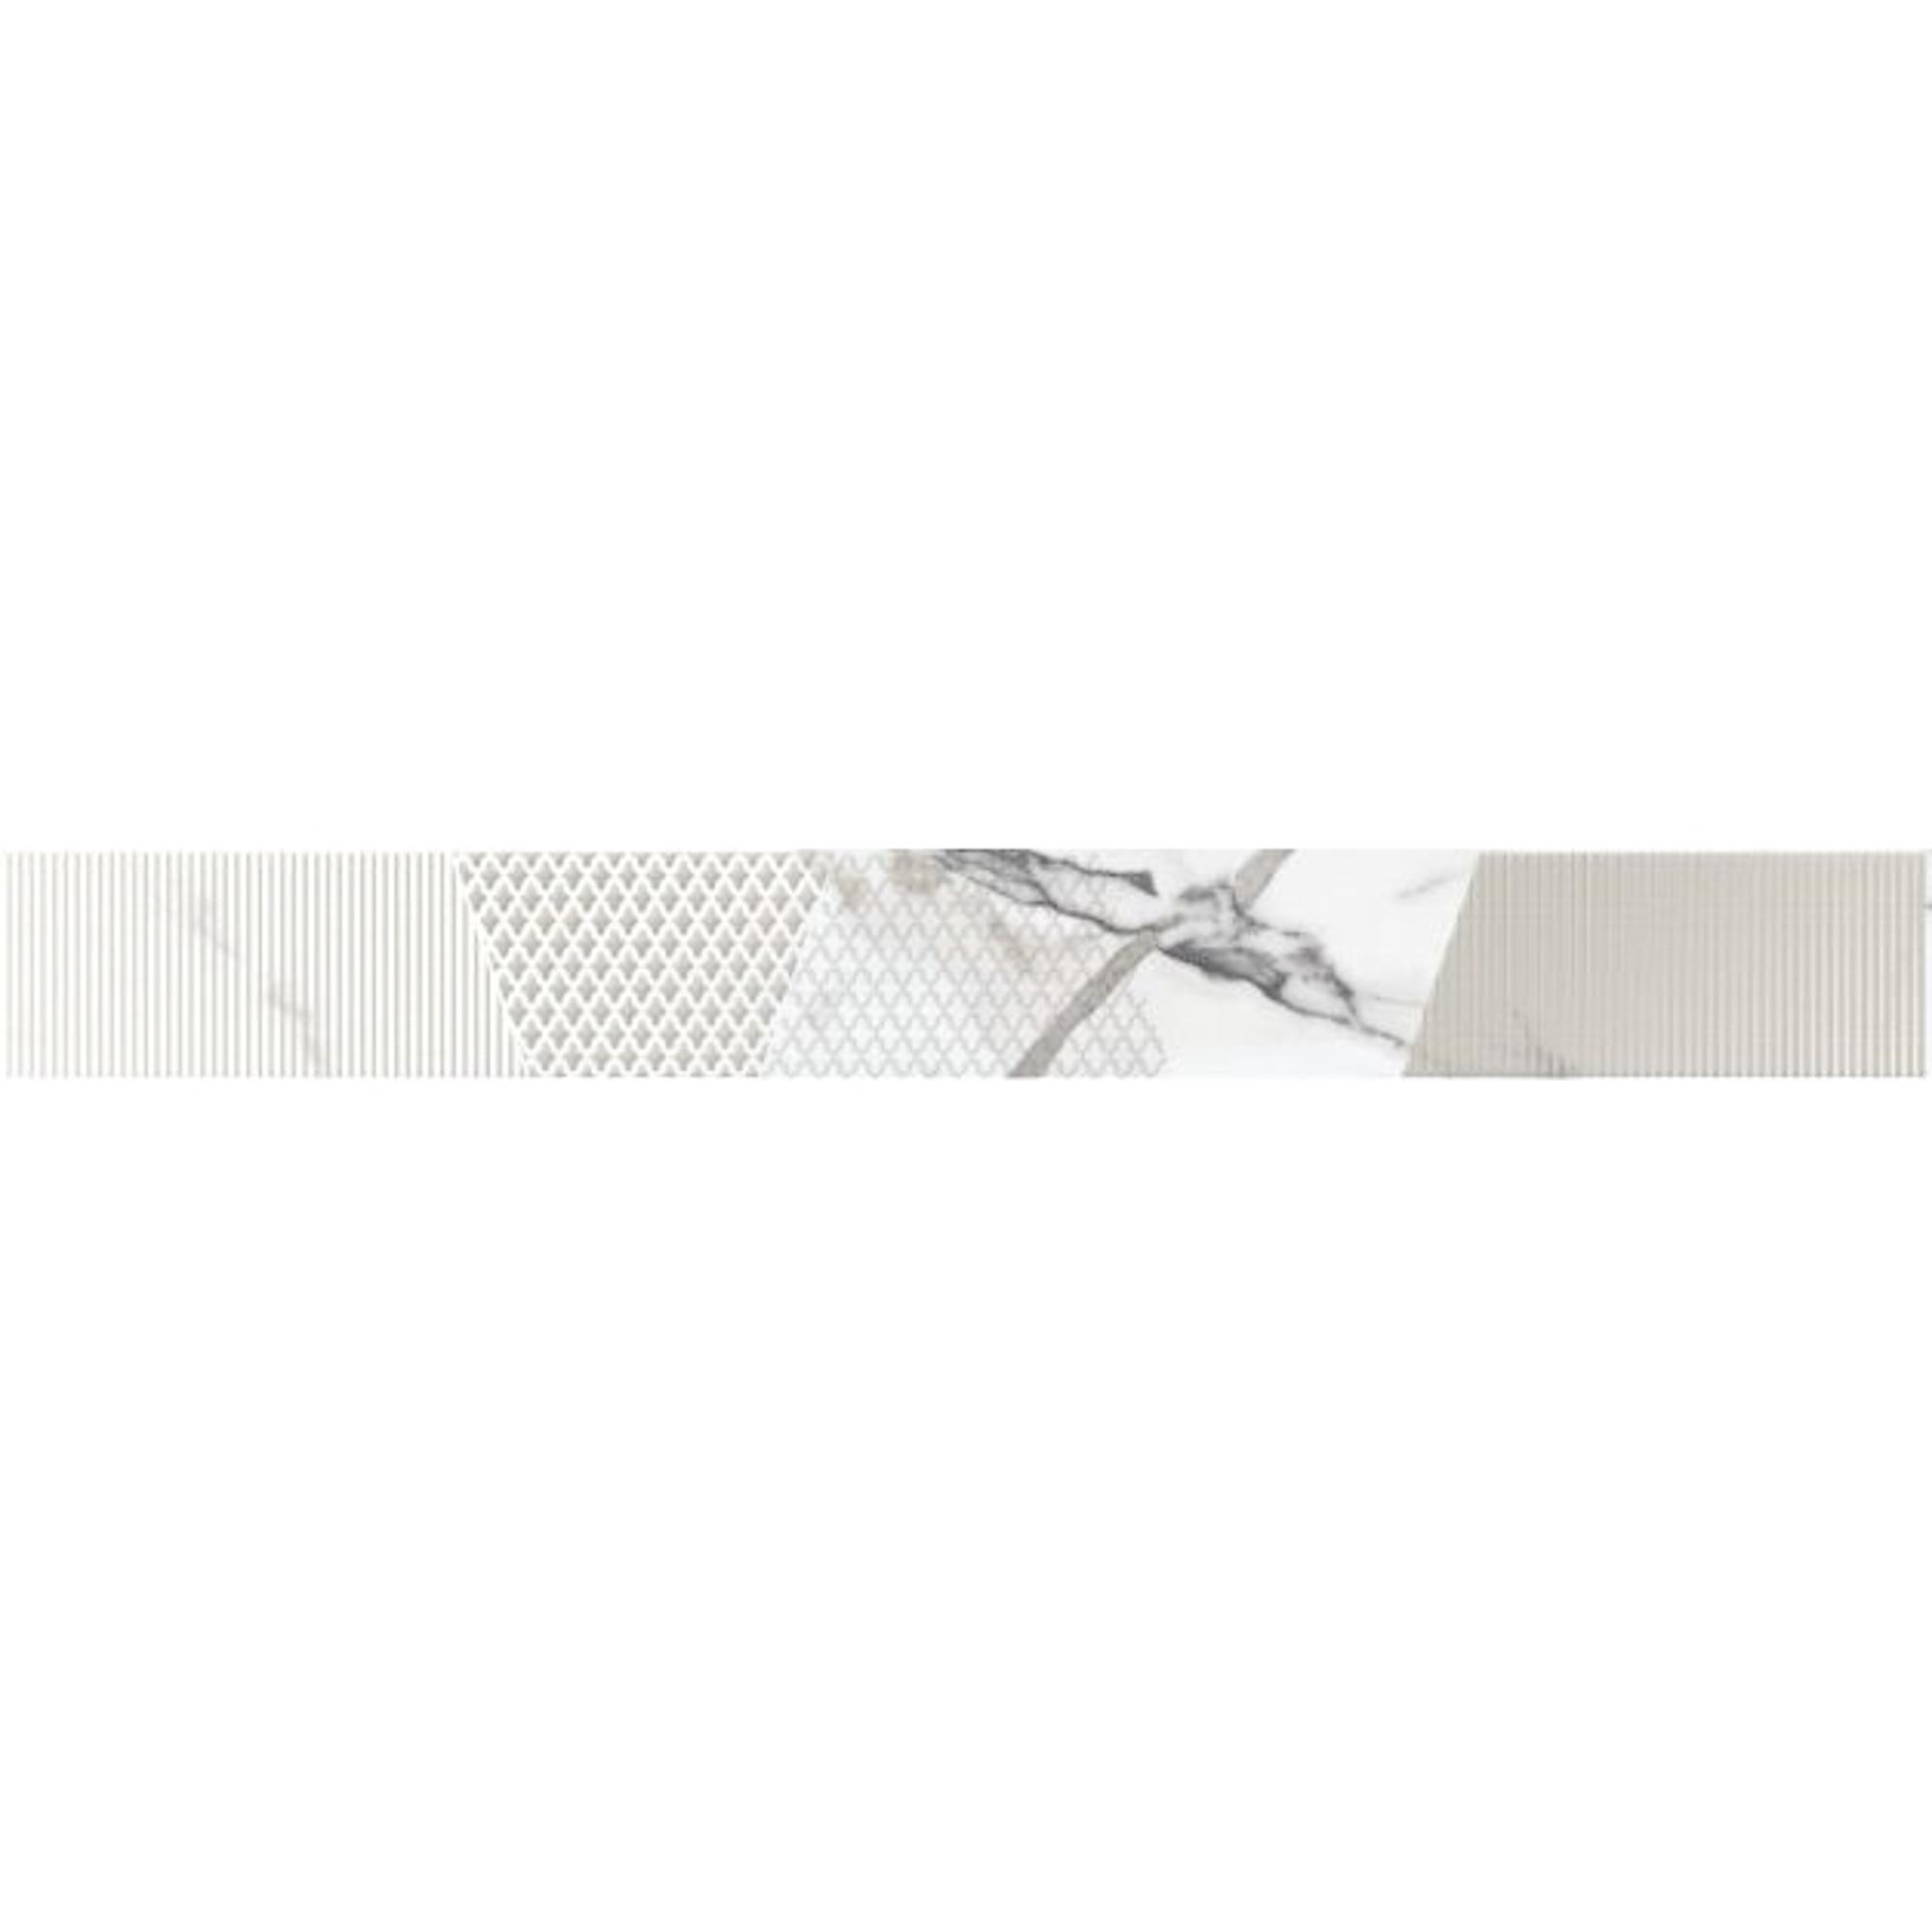 Бордюр Kerlife Arabescato Bianco 7,5x63 см